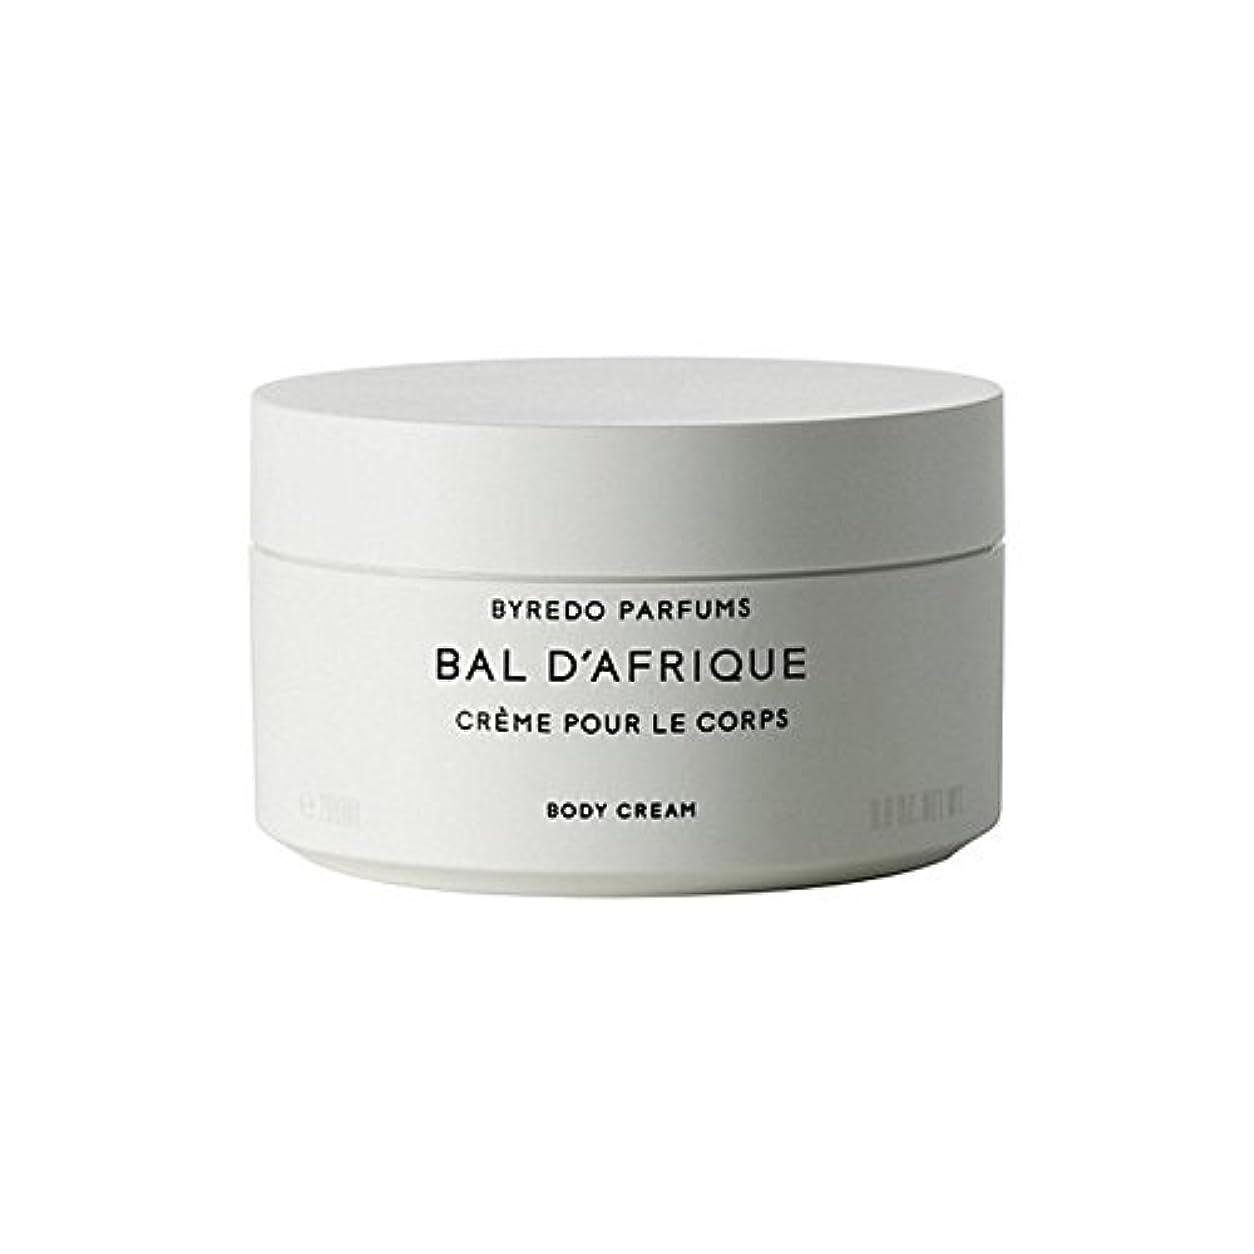 非常にスリム依存Byredo Bal D'Afrique Body Cream 200ml - 'のボディクリーム200ミリリットル [並行輸入品]